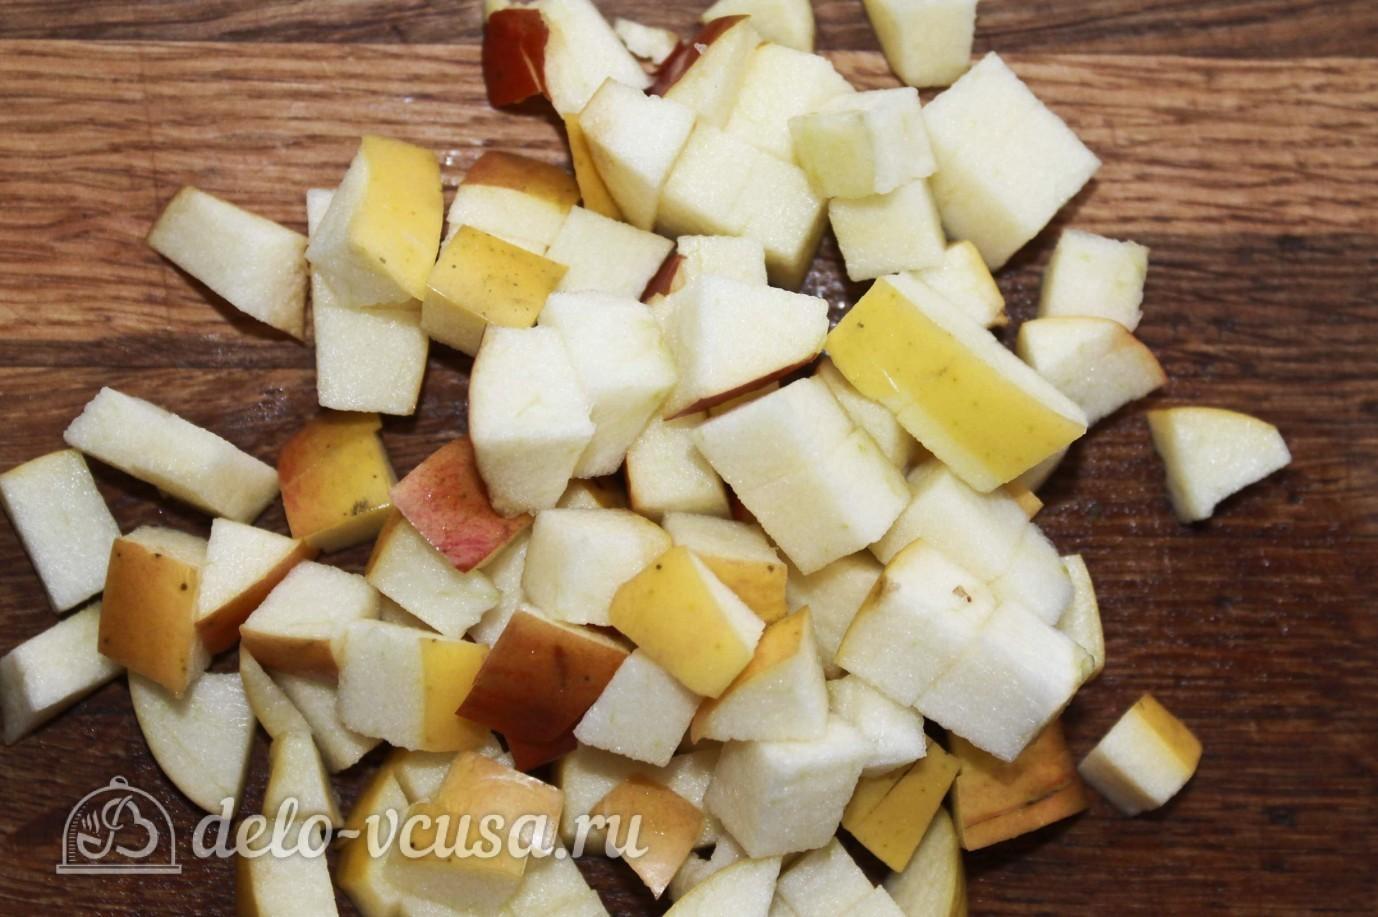 Картошка с курицей и молоком в мультиварке рецепты